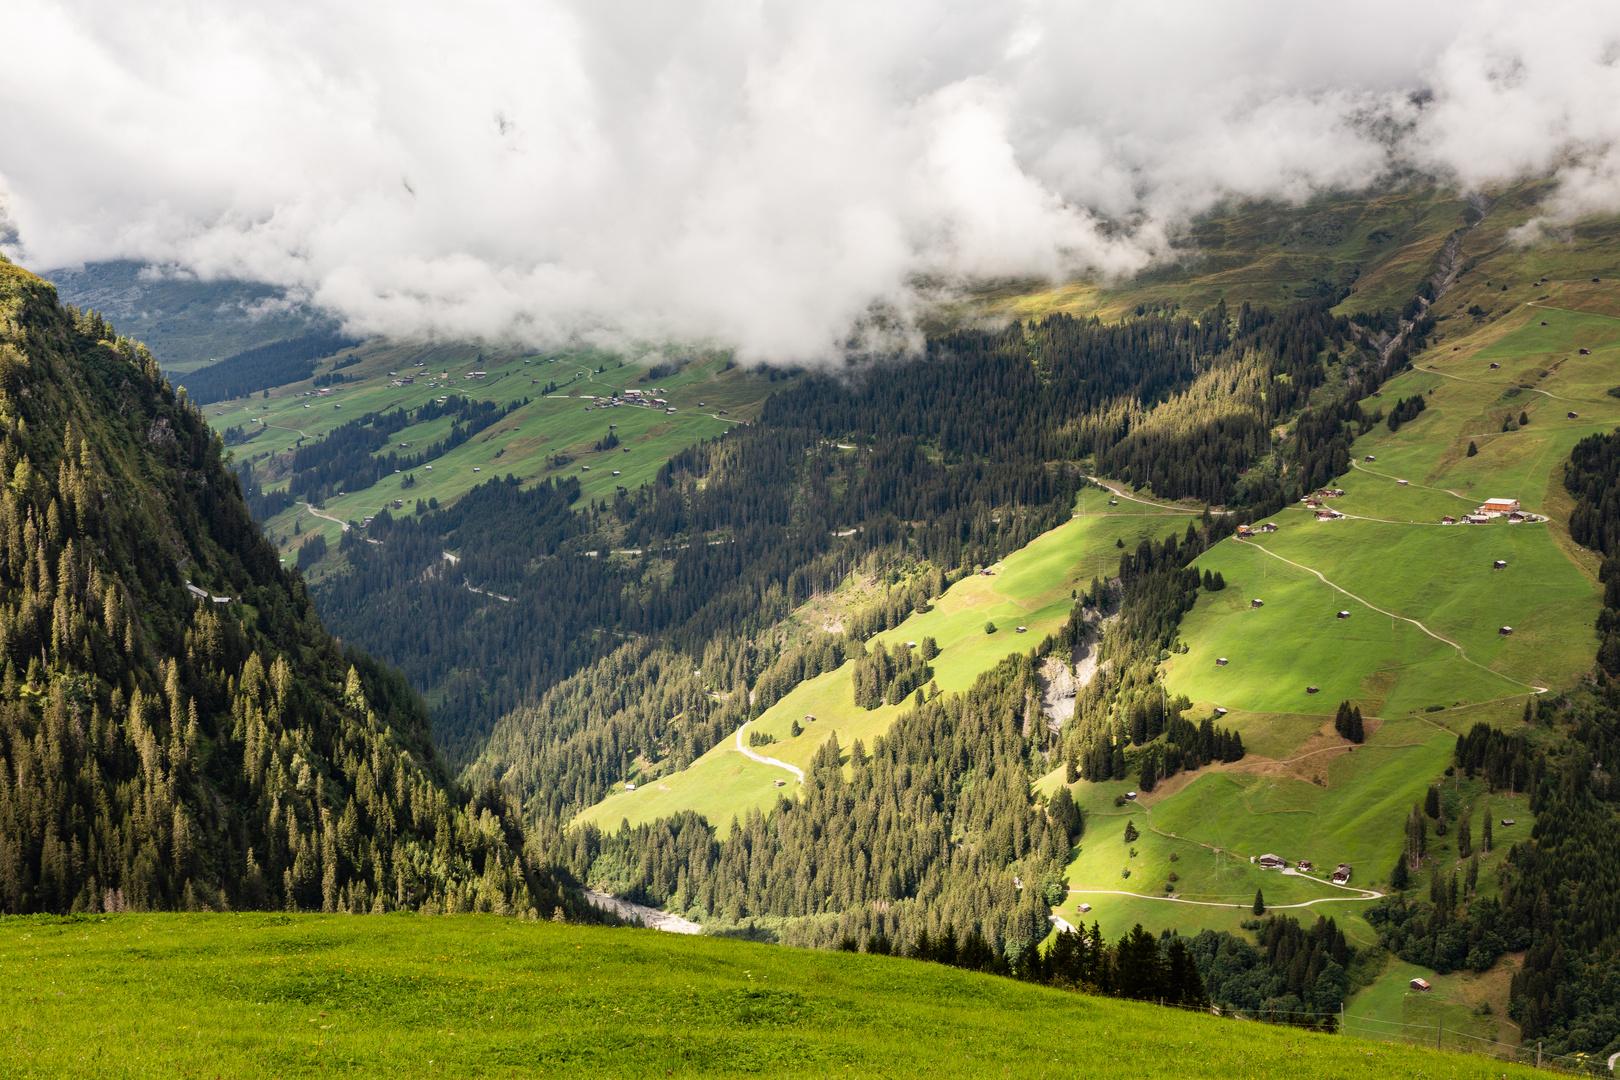 Die Hangenden Garten Von Babylon Die Uberhangenden Weiden In Den Alpen Foto Bild Schweiz Graubunden Verkehr Bilder Auf Fotocommunity